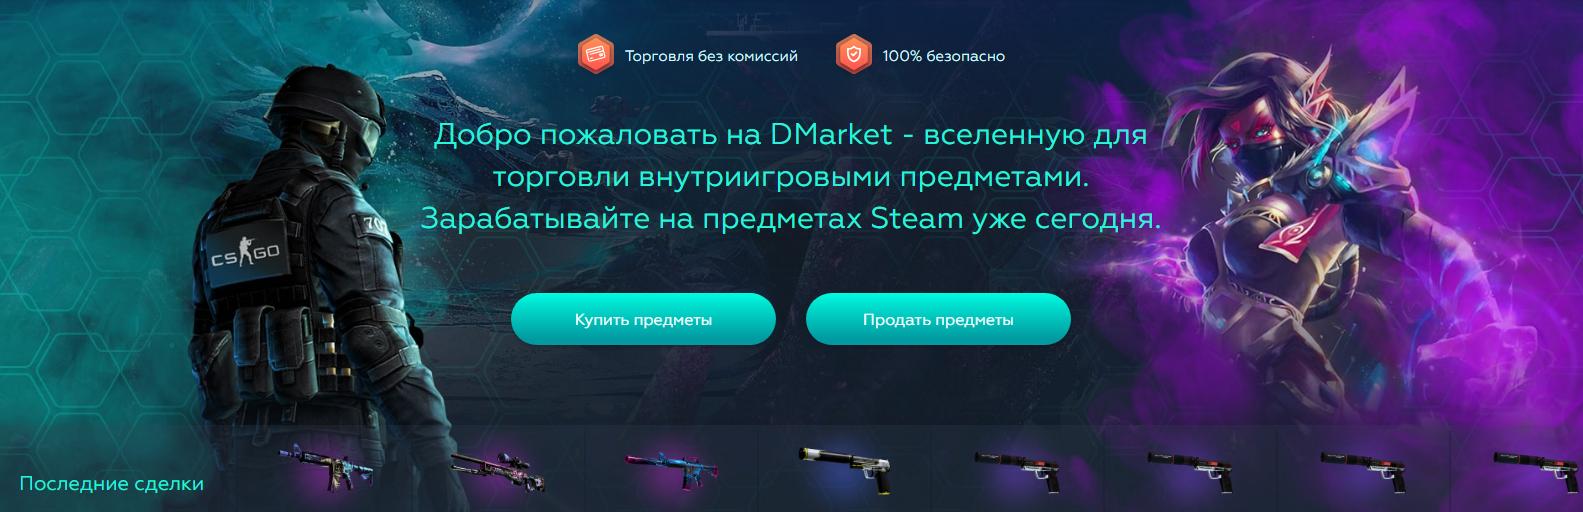 Dmarket (DMT) от любителей онлайн игр